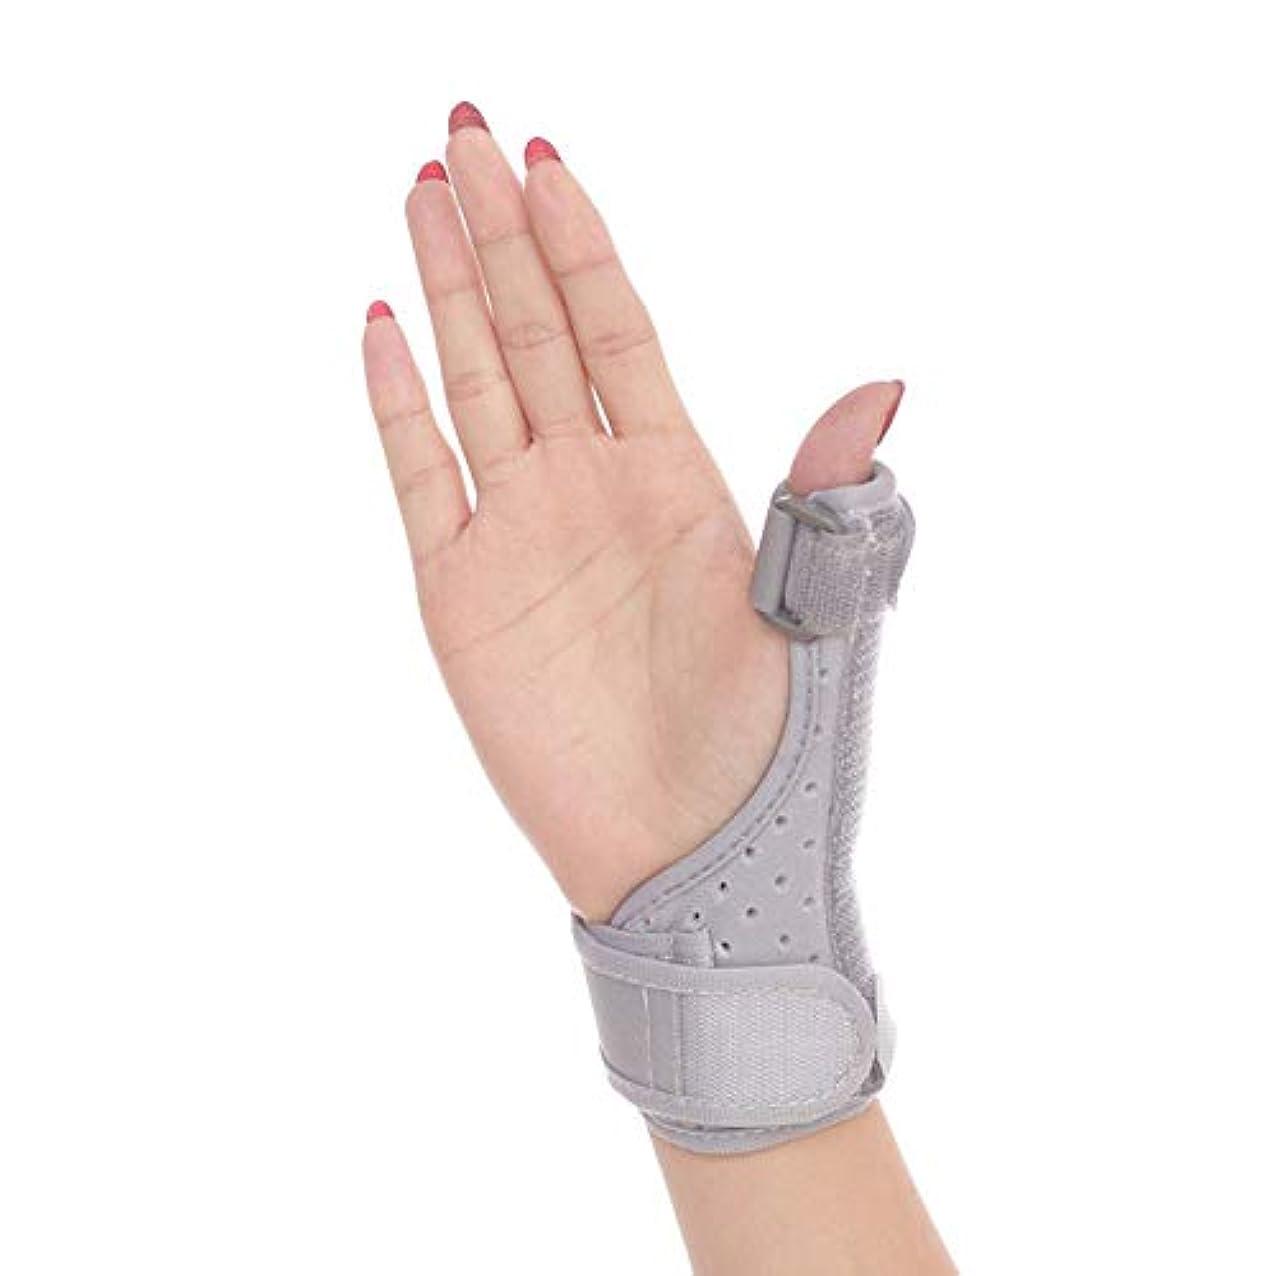 蜂フォロー繊毛手首の親指の指の副木、関節炎、腱炎、手根管の痛みの軽減、軽量で 調節可能なサイズに適しています